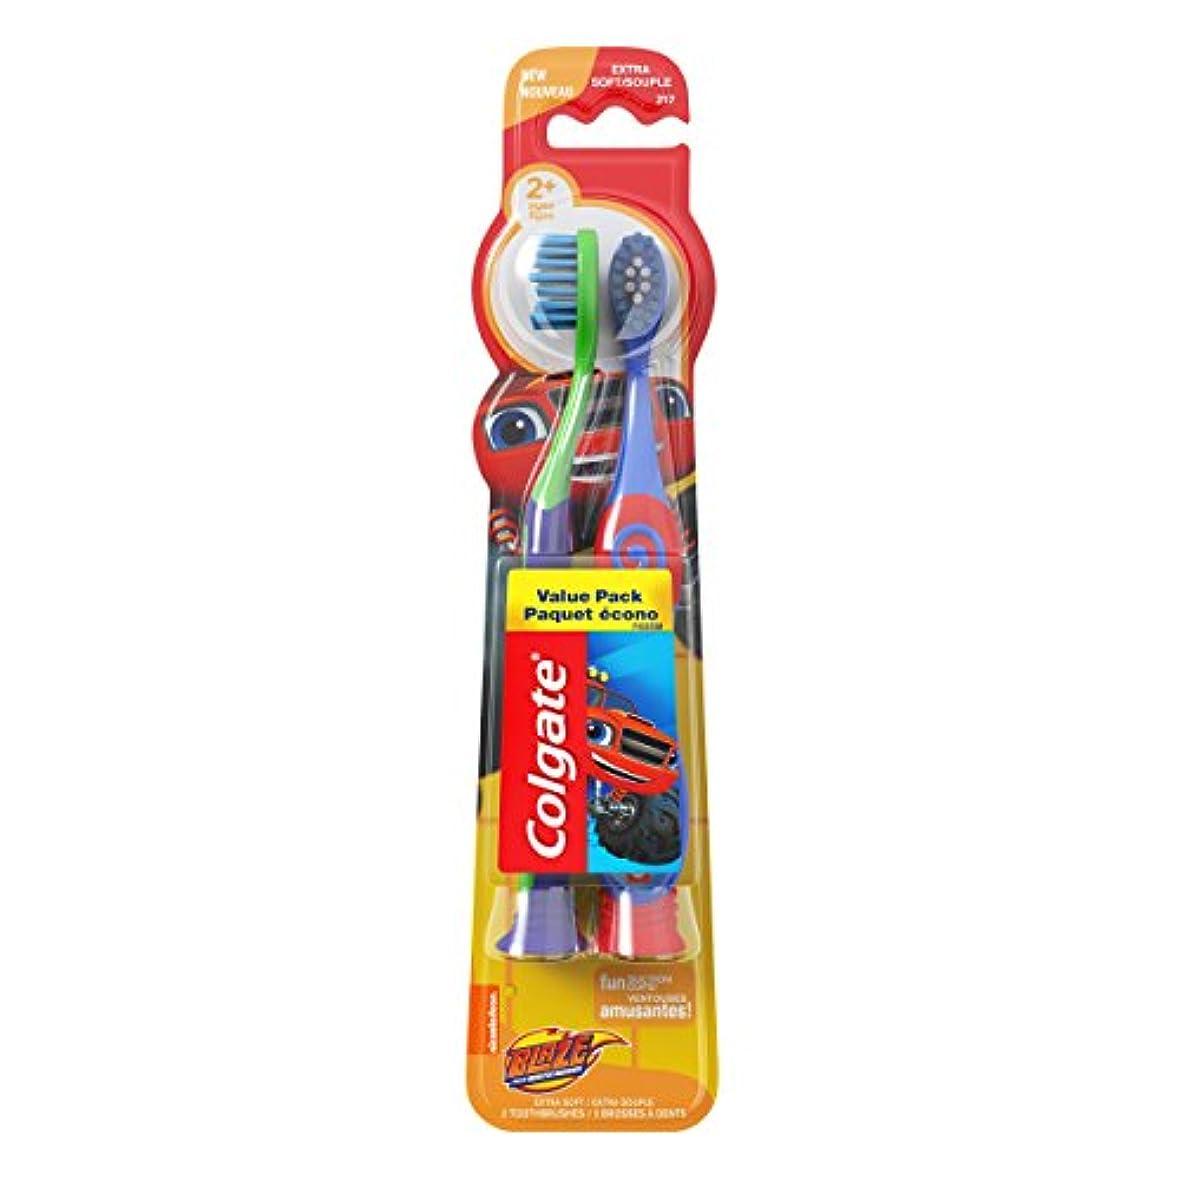 結核キャプチャー空港Colgate 吸盤付きキッズ柔らかい歯ブラシ、ブレイズバリューパック(2カウント)